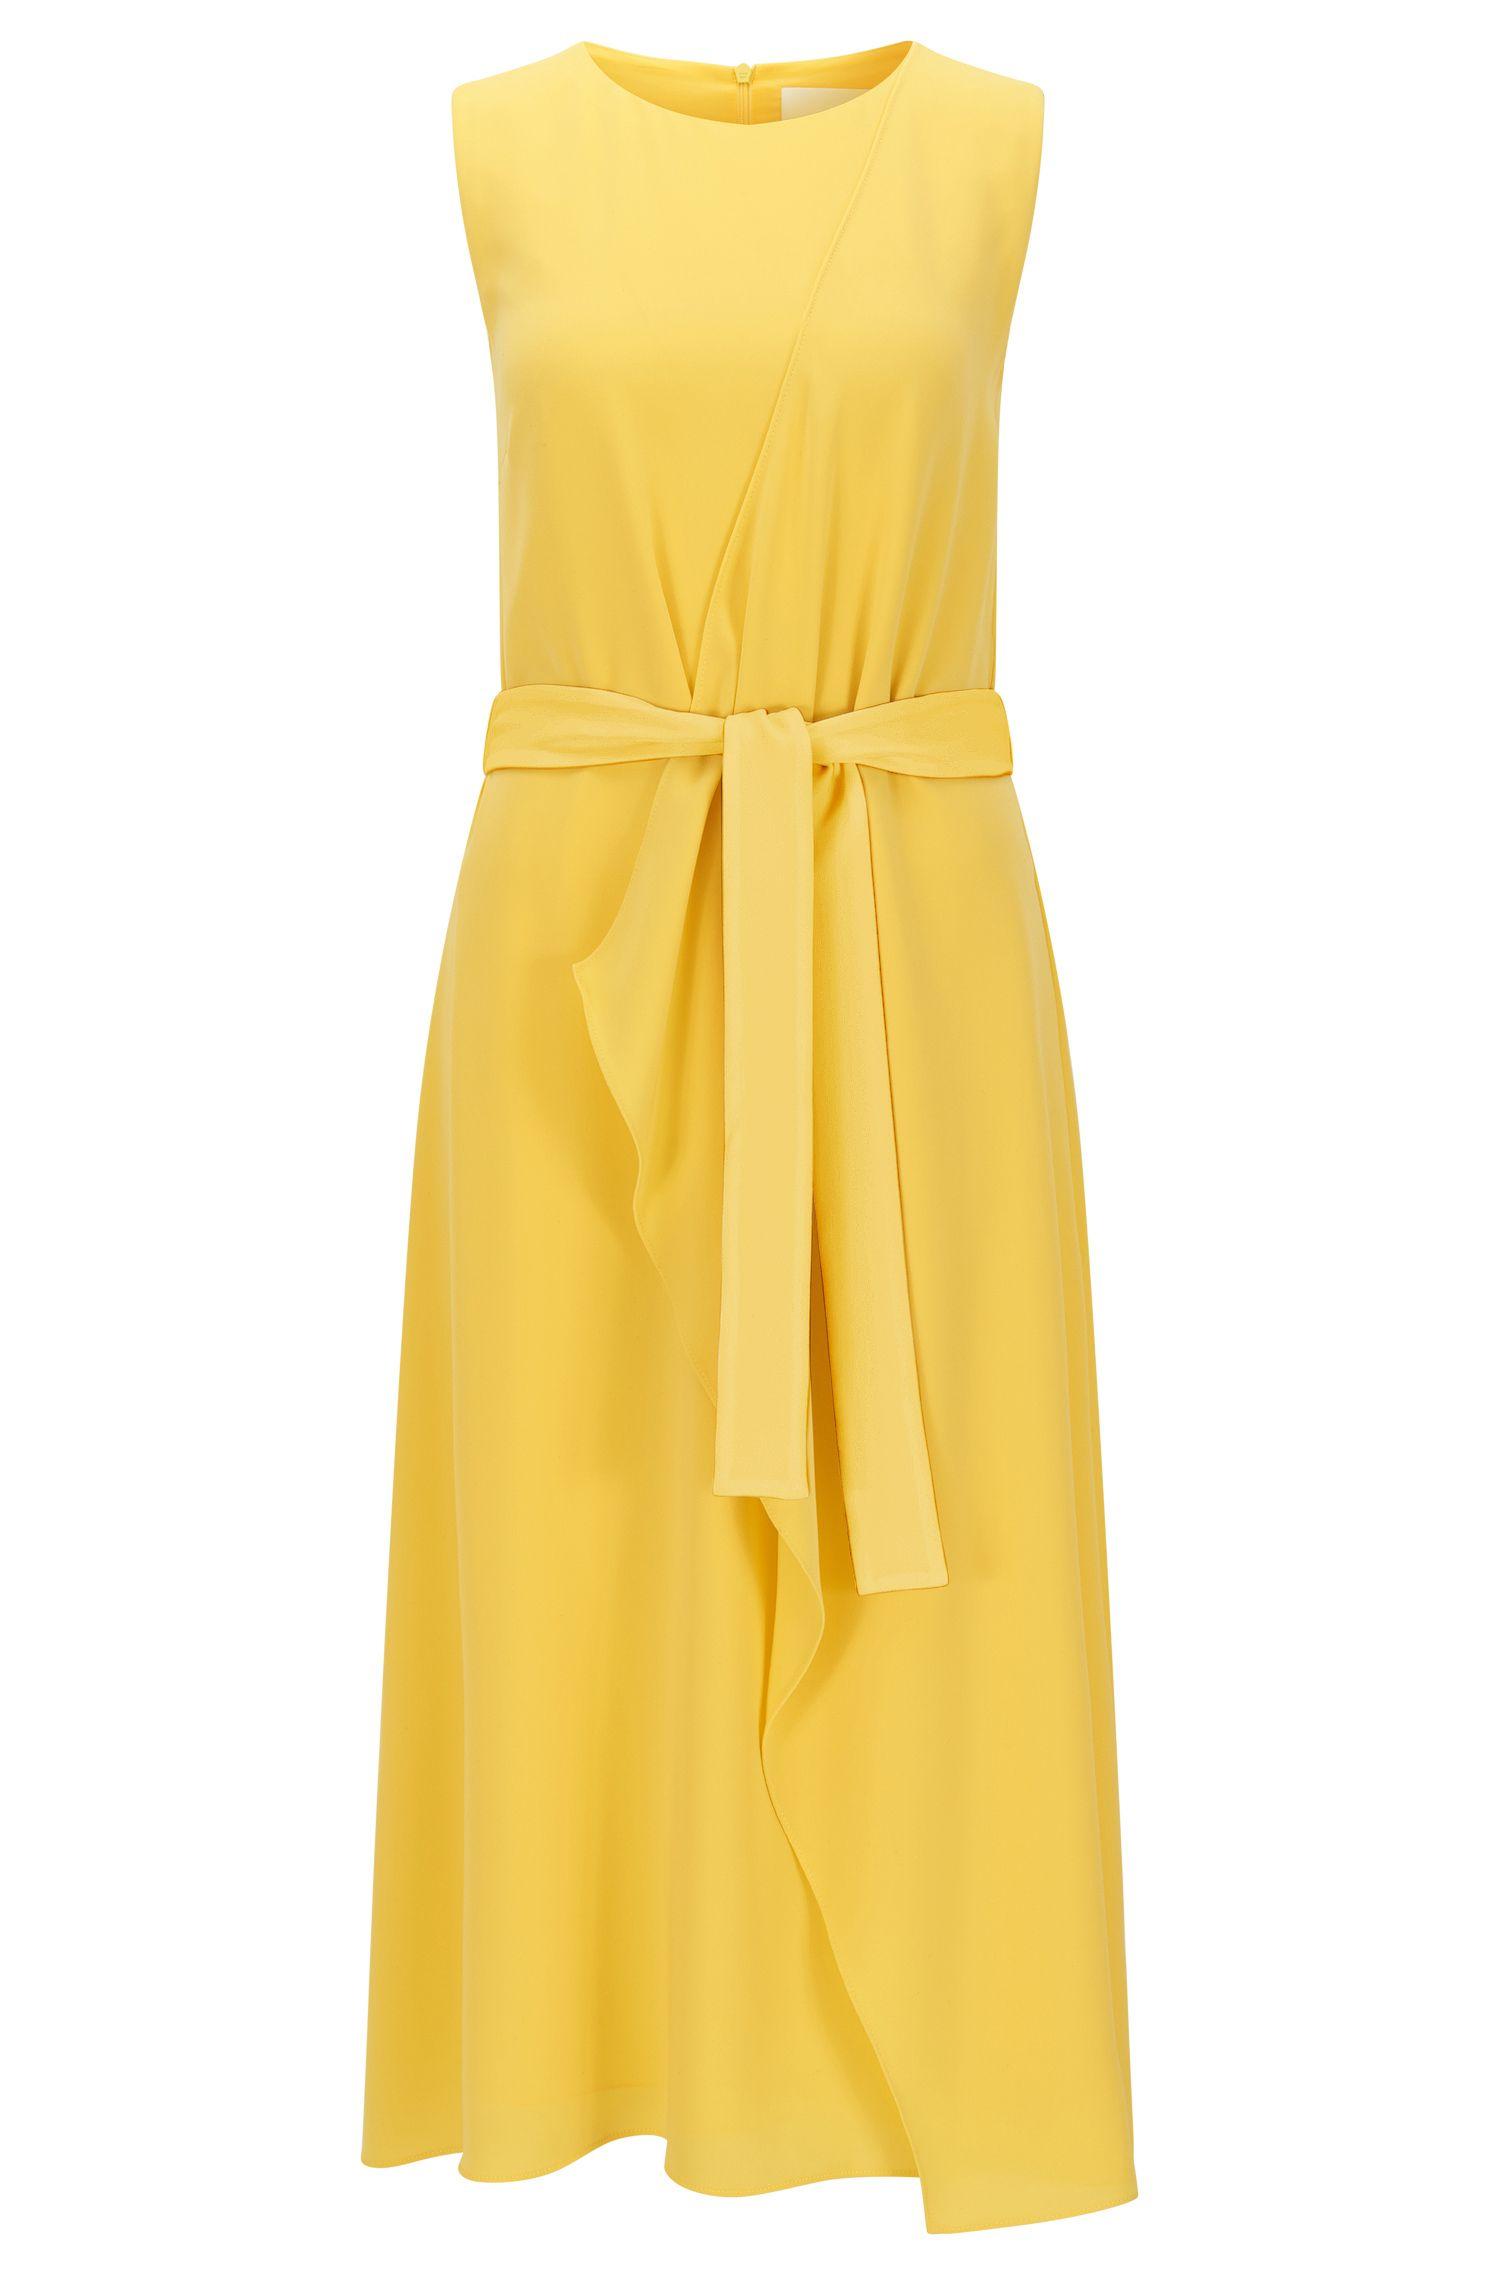 Gelaagde relaxed-fit jurk van middelzwaar materiaal